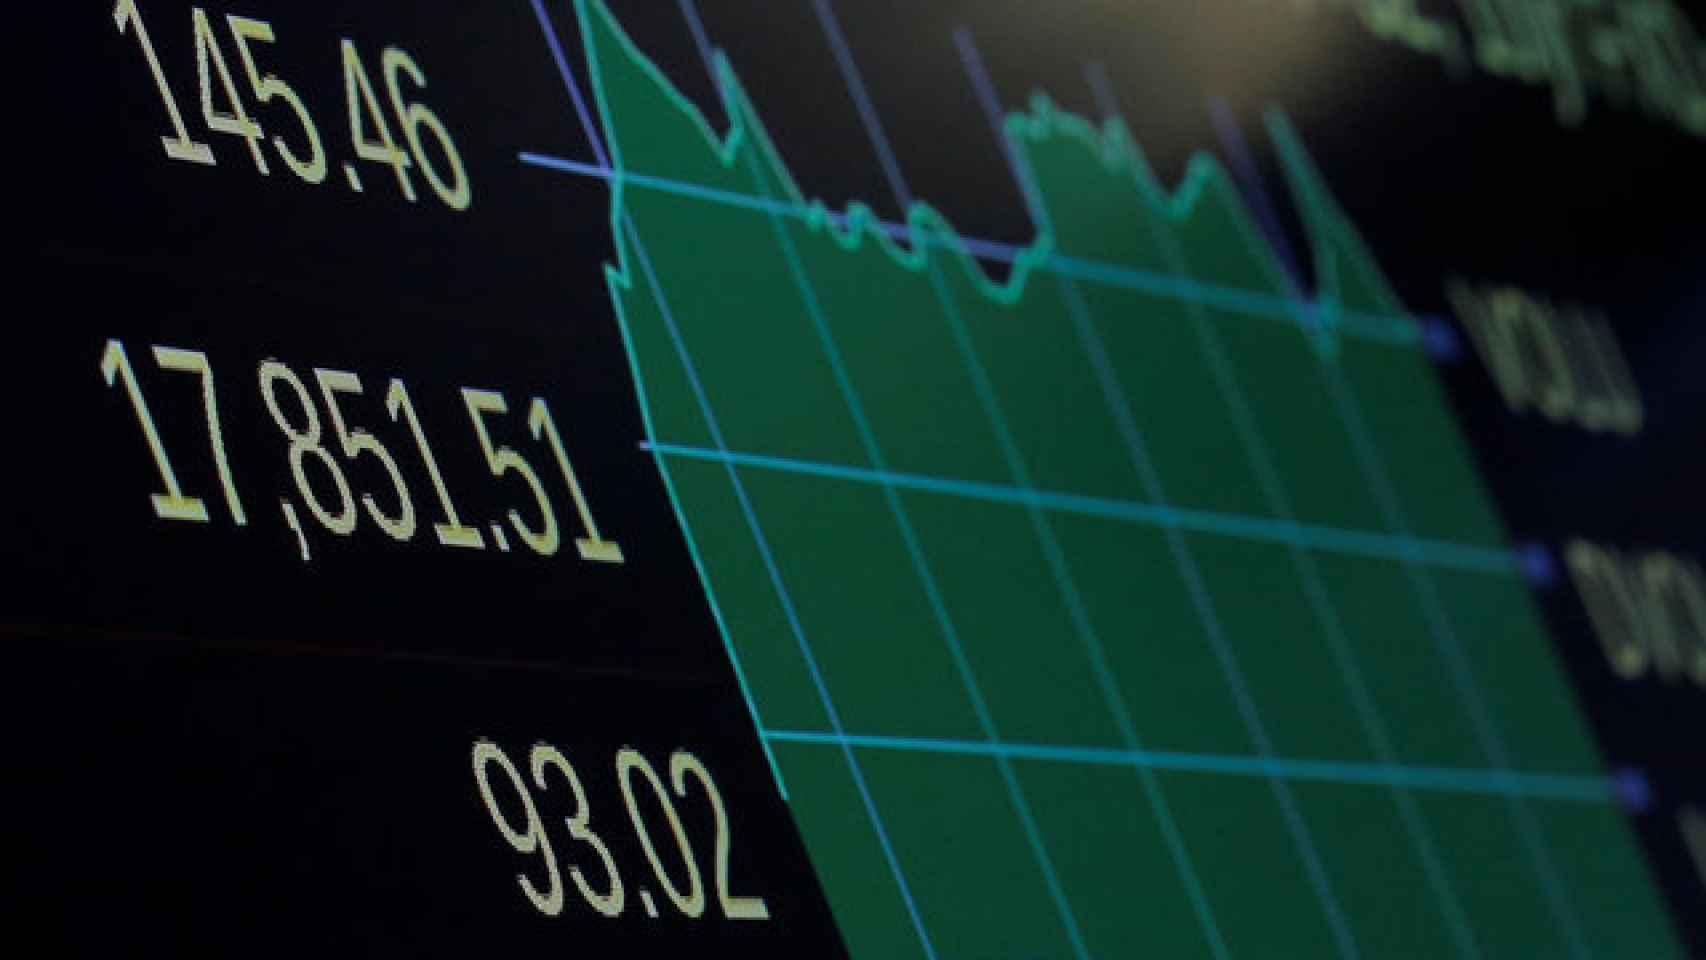 Pantalla con la evolución de la cotización del índice Dow Jones.